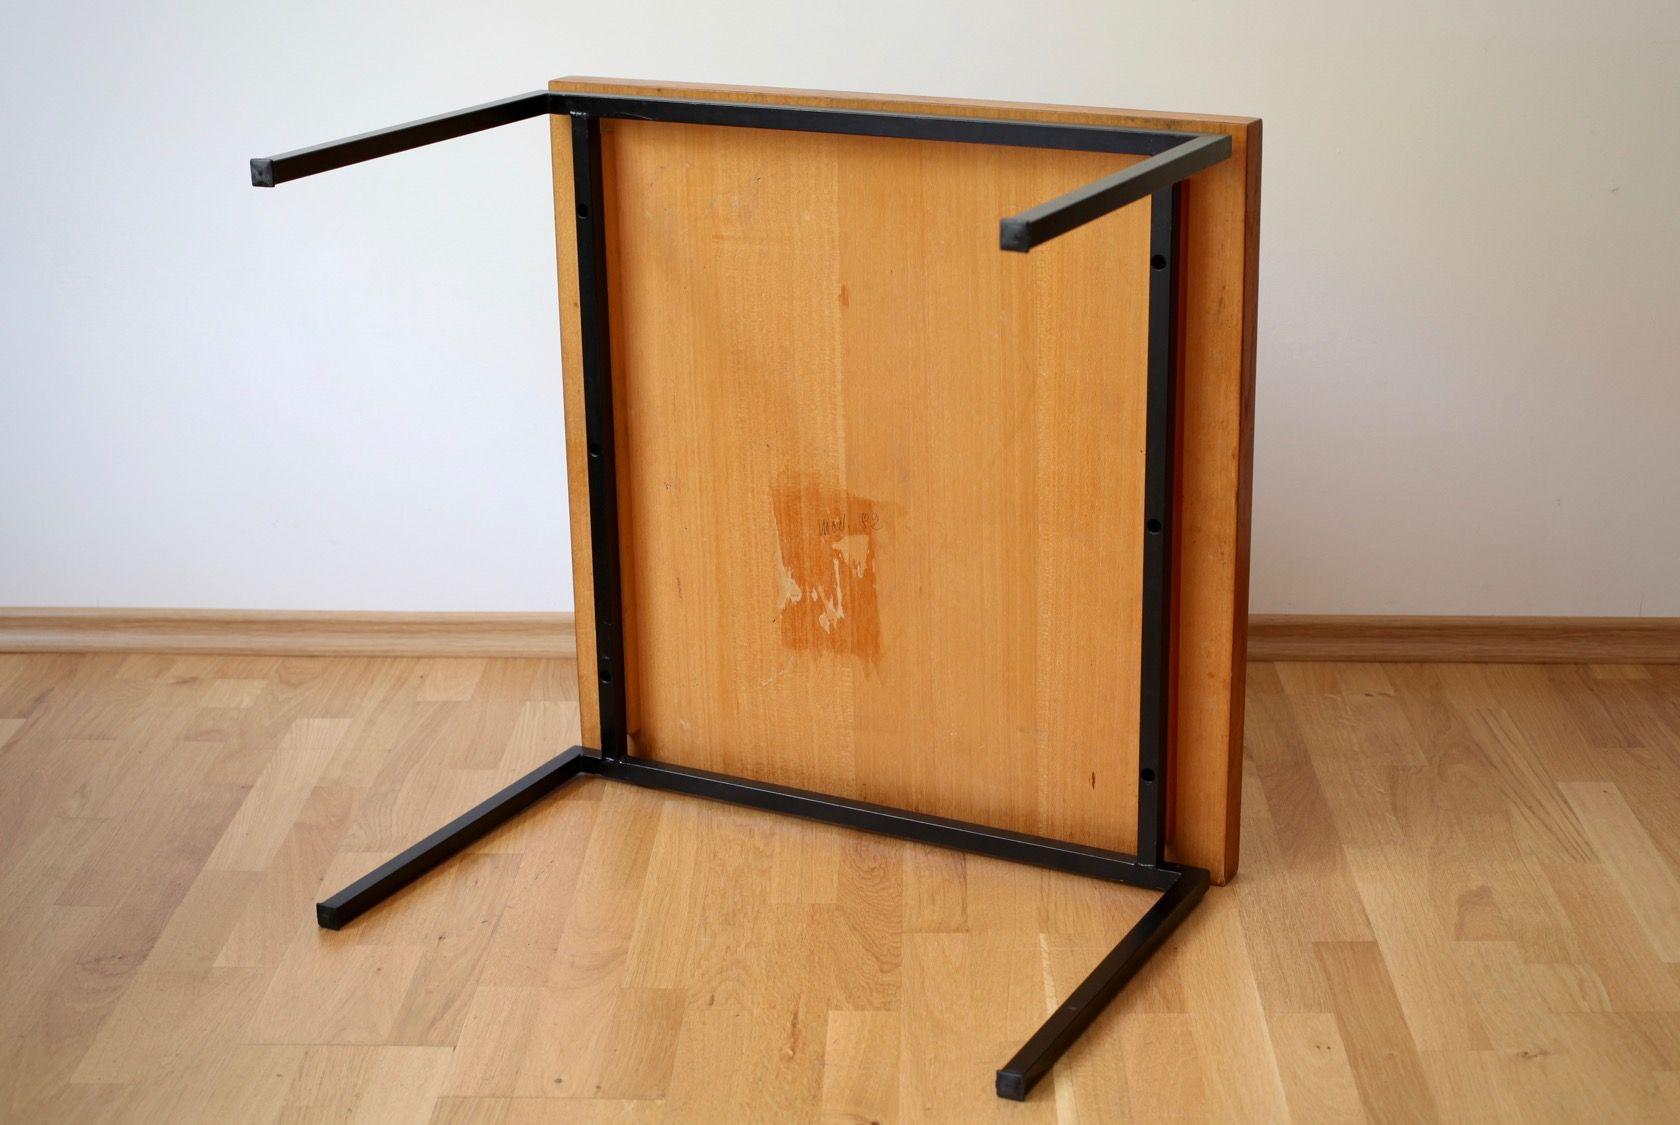 quadratischer mid century tisch 1960er bei pamono kaufen. Black Bedroom Furniture Sets. Home Design Ideas